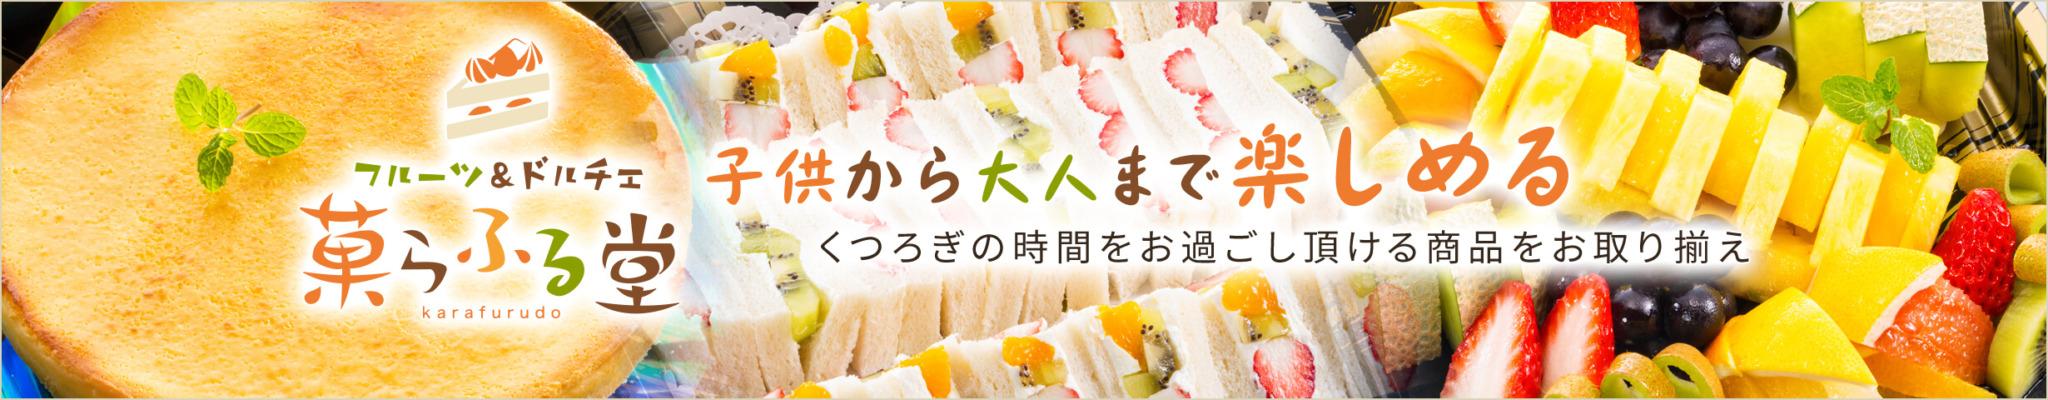 フルーツ&ドルチェ 菓らふる堂